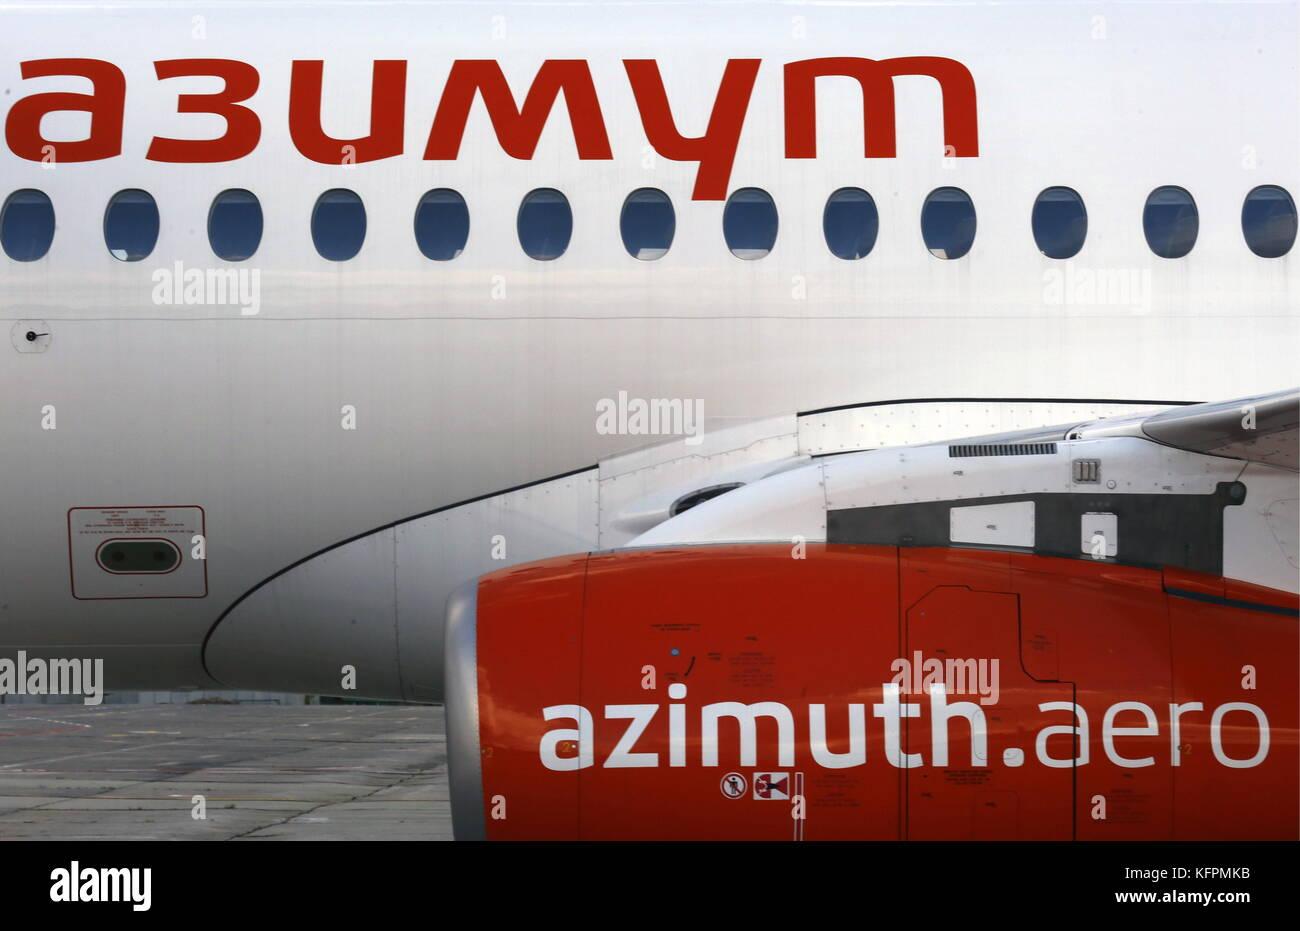 Rostov sobre el don, Rusia. 31 oct, 2017. Un Sukhoi Superjet 100 (ssj-100) un avión de pasajeros operados por la aerolínea de acimut visto en el aeropuerto de la ciudad. El acimut es una aerolínea de pasajeros para el centro y el sur de Rusia; a partir de diciembre de 2017, es para atender nuevos platov aeropuerto cerca de Rostov-on-Don. Crédito: Valery matytsin/tass/alamy live news Foto de stock